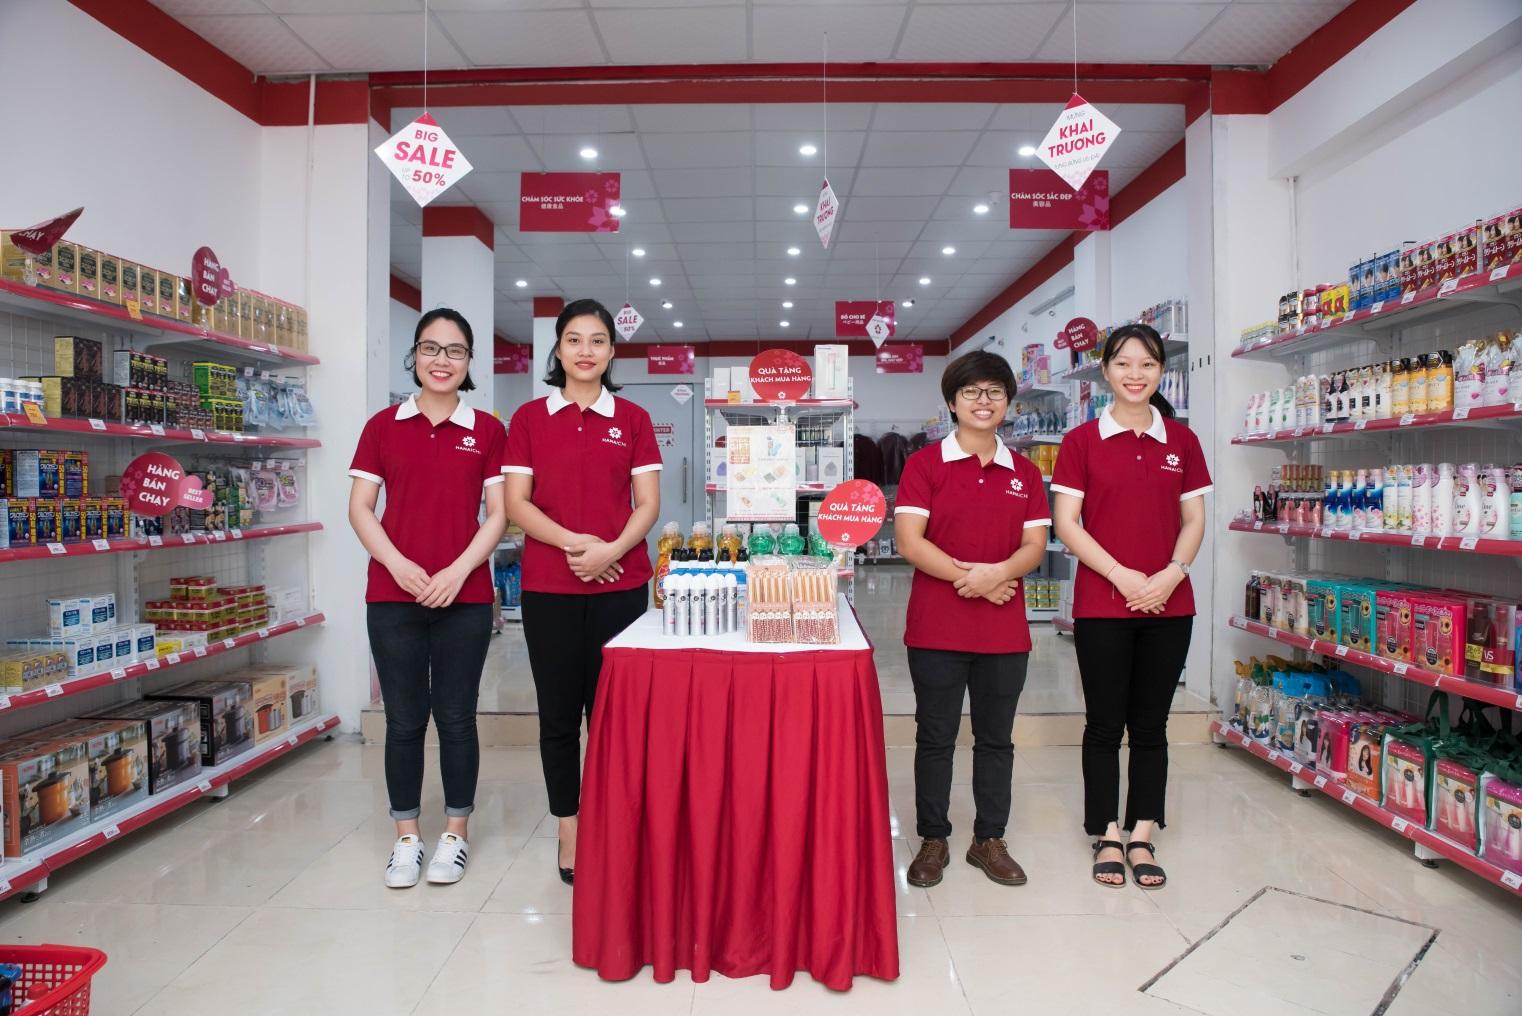 HANAICHI và tham vọng phủ sóng chuỗi siêu thị hàng Nhật nội địa chính hãng, uy tín tại Việt Nam - Ảnh 4.